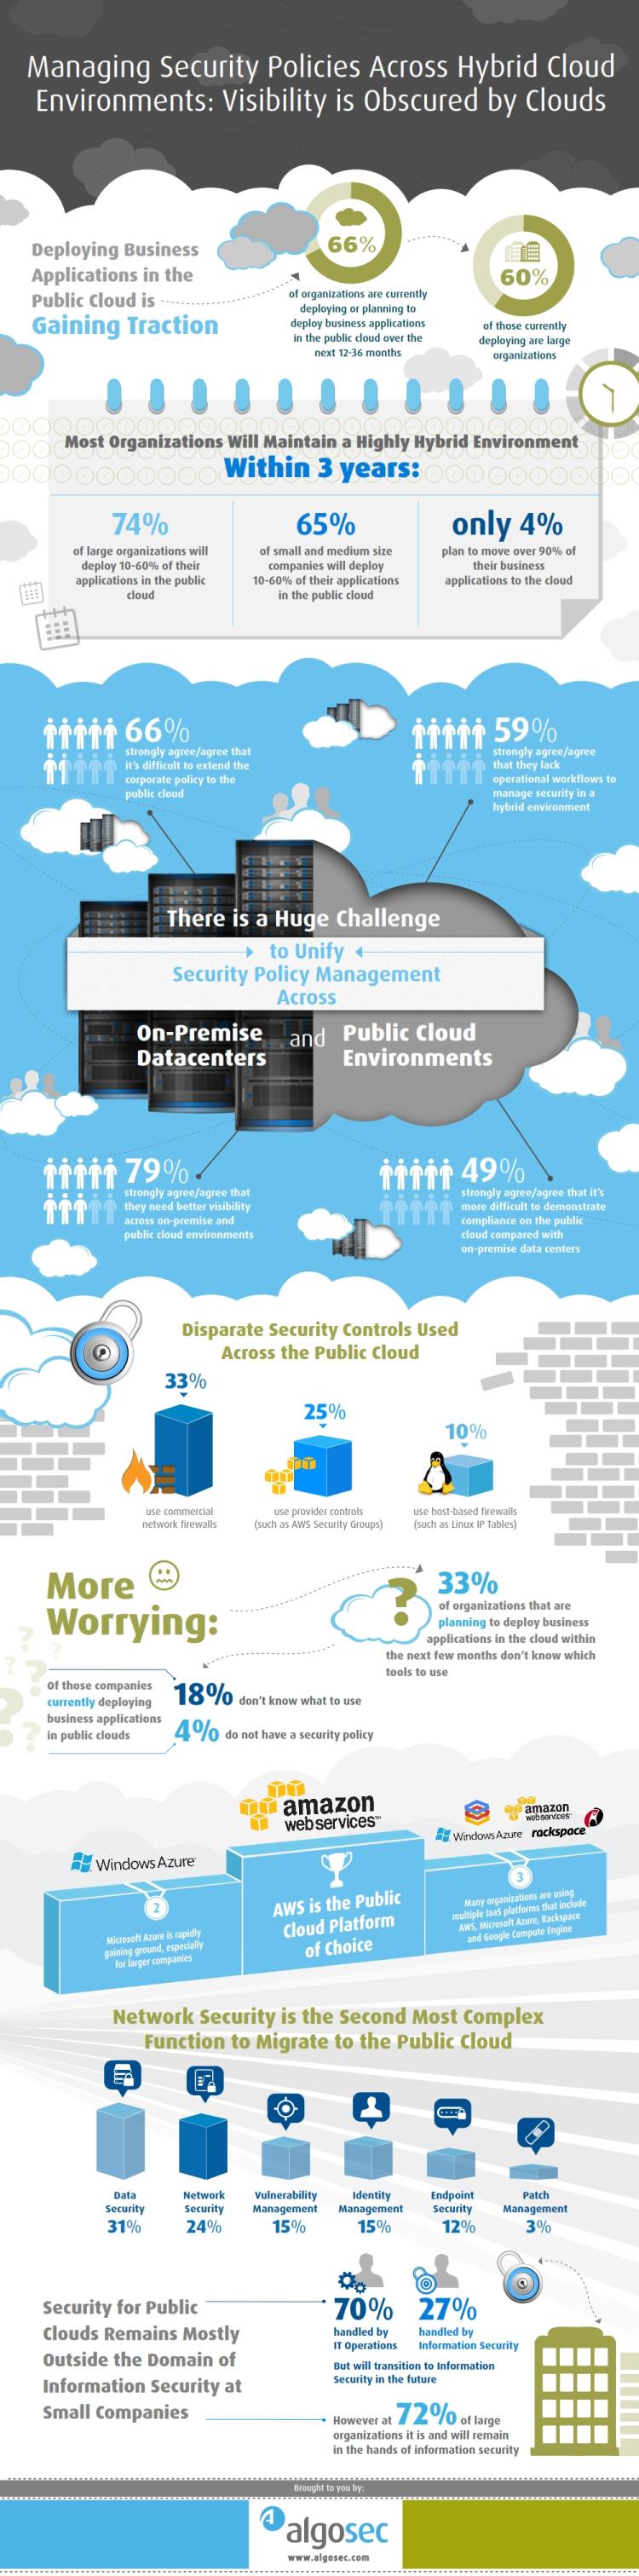 algosec_hybrid_cloud_security-info